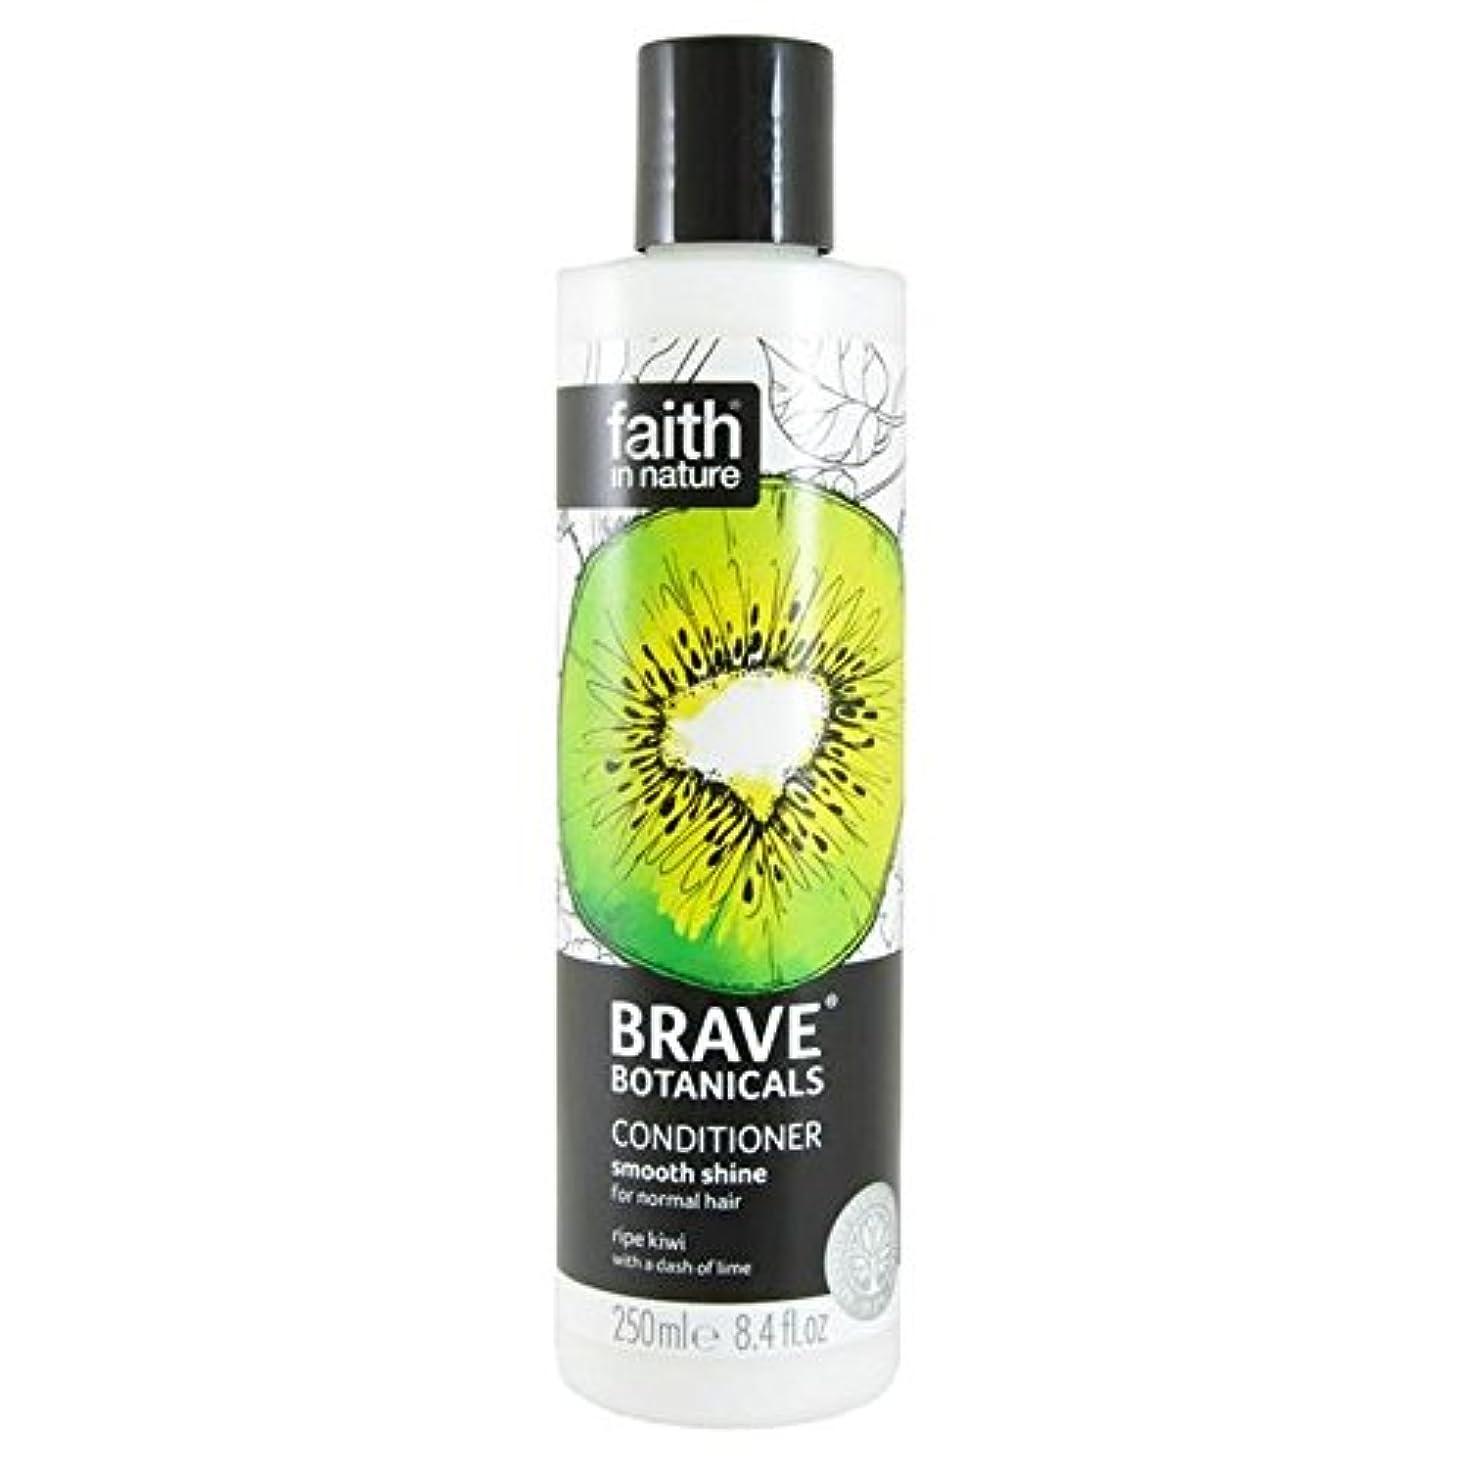 ボイコットデュアル行Brave Botanicals Kiwi & Lime Smooth Shine Conditioner 250ml (Pack of 6) - (Faith In Nature) 勇敢な植物キウイ&ライムなめらかな輝...